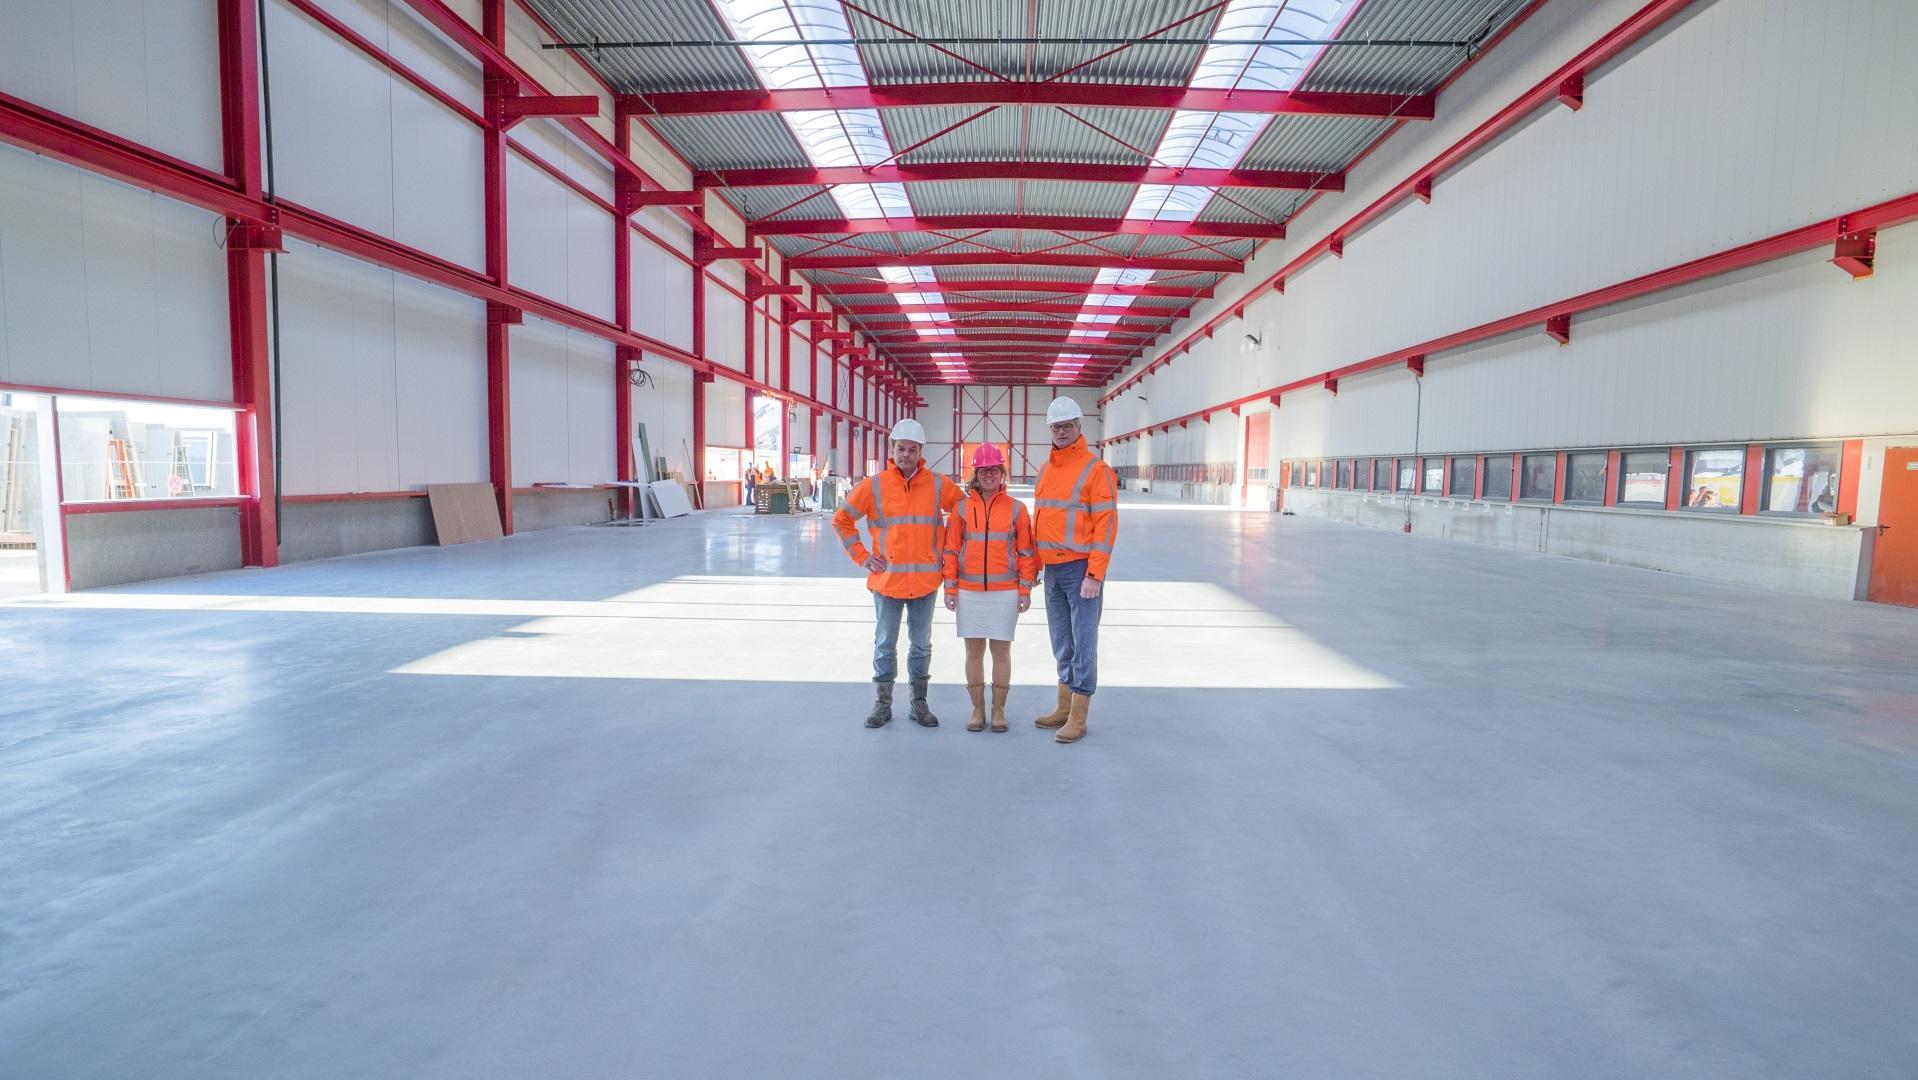 Nieuwe productiehal Spaansen Bouwsystemen in Harlingen voor de productie van betonelementen